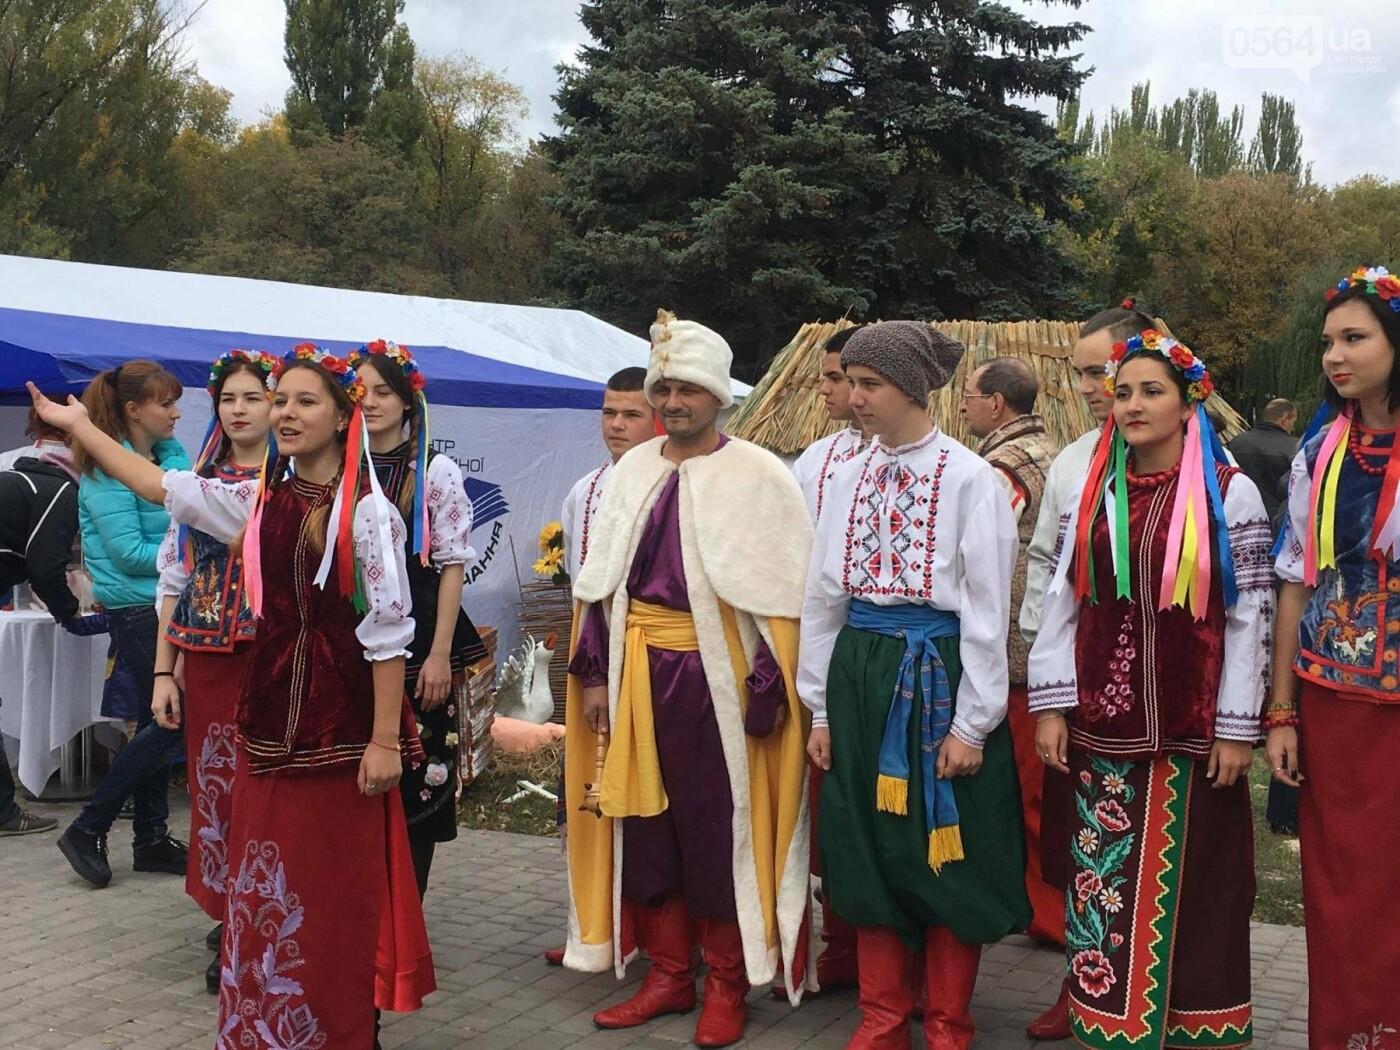 Тысячи криворожан отмечают День украинского козачества на Фестивале в парке Героев (ФОТО, ВИДЕО), фото-25